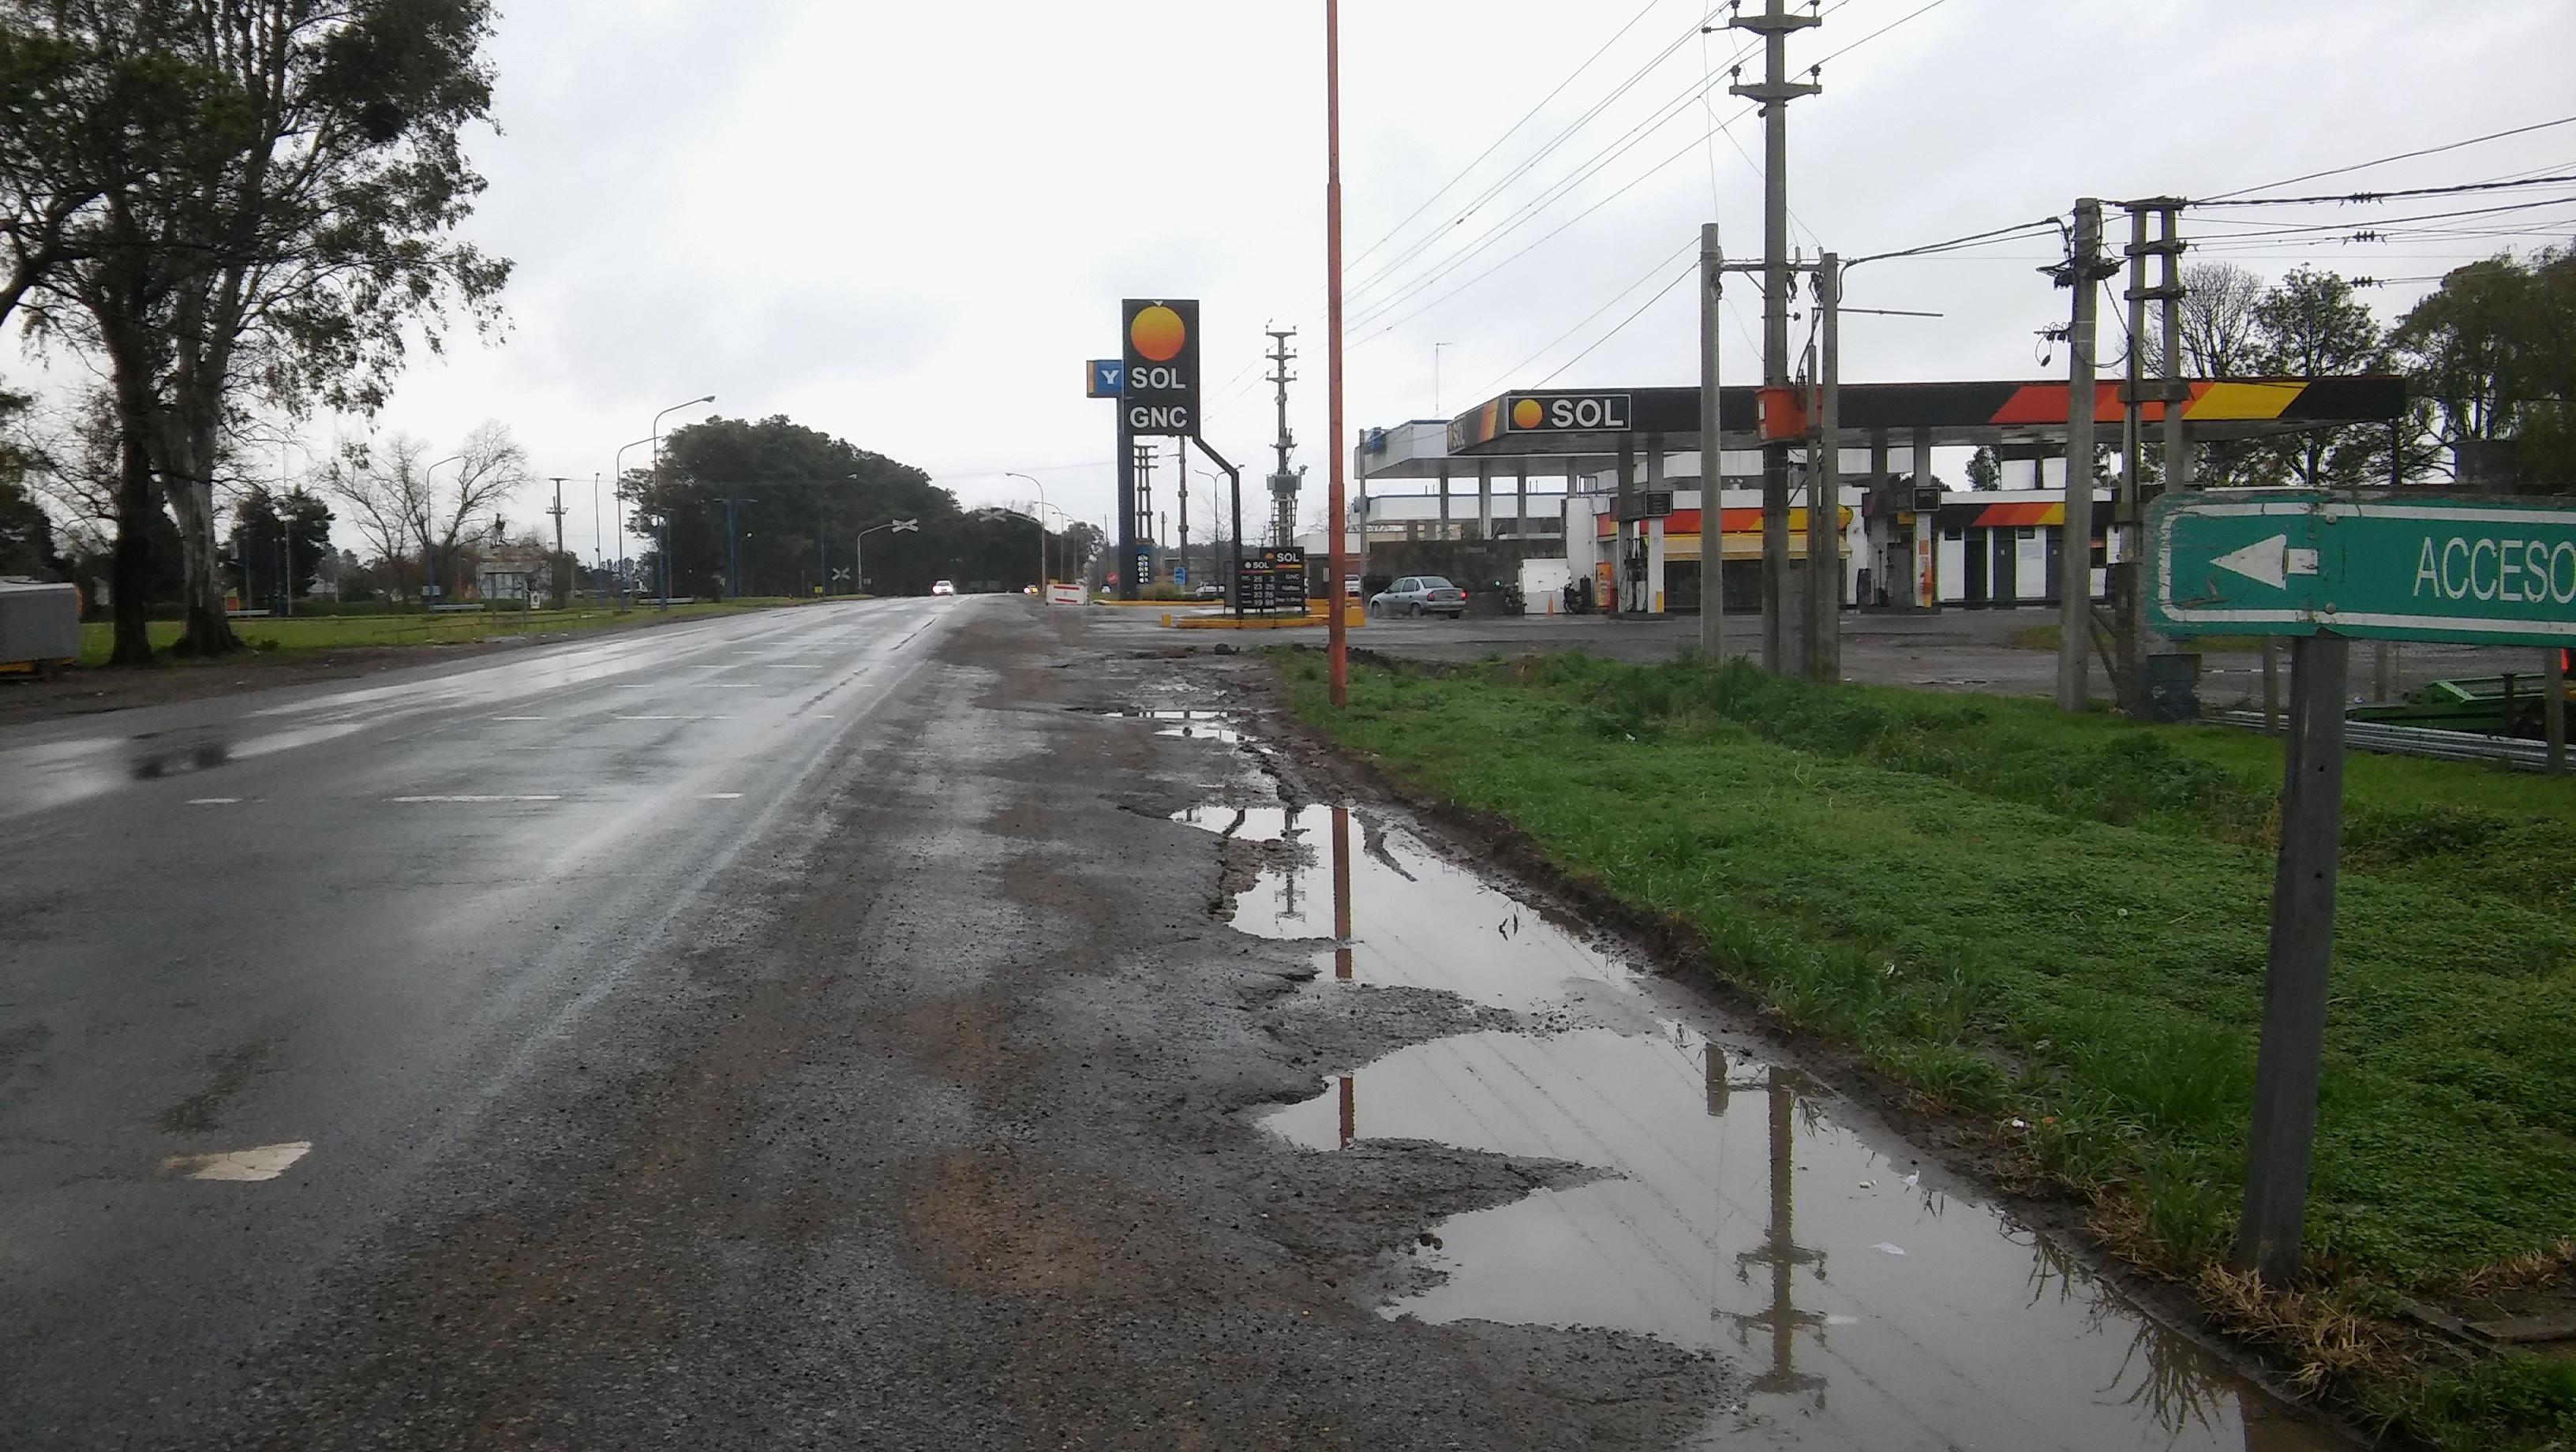 En las primeras horas de la madrugada de este domingo, el conductor de un Chevrolet modelo Corsa Classic perdió el control del auto cuando maniobraba para ingresar en la Estación de Expendio de Combustibles Sol, y cayó en el extremo del zanjón que corre paralelo a la Ruta 188 frente a este comercio.